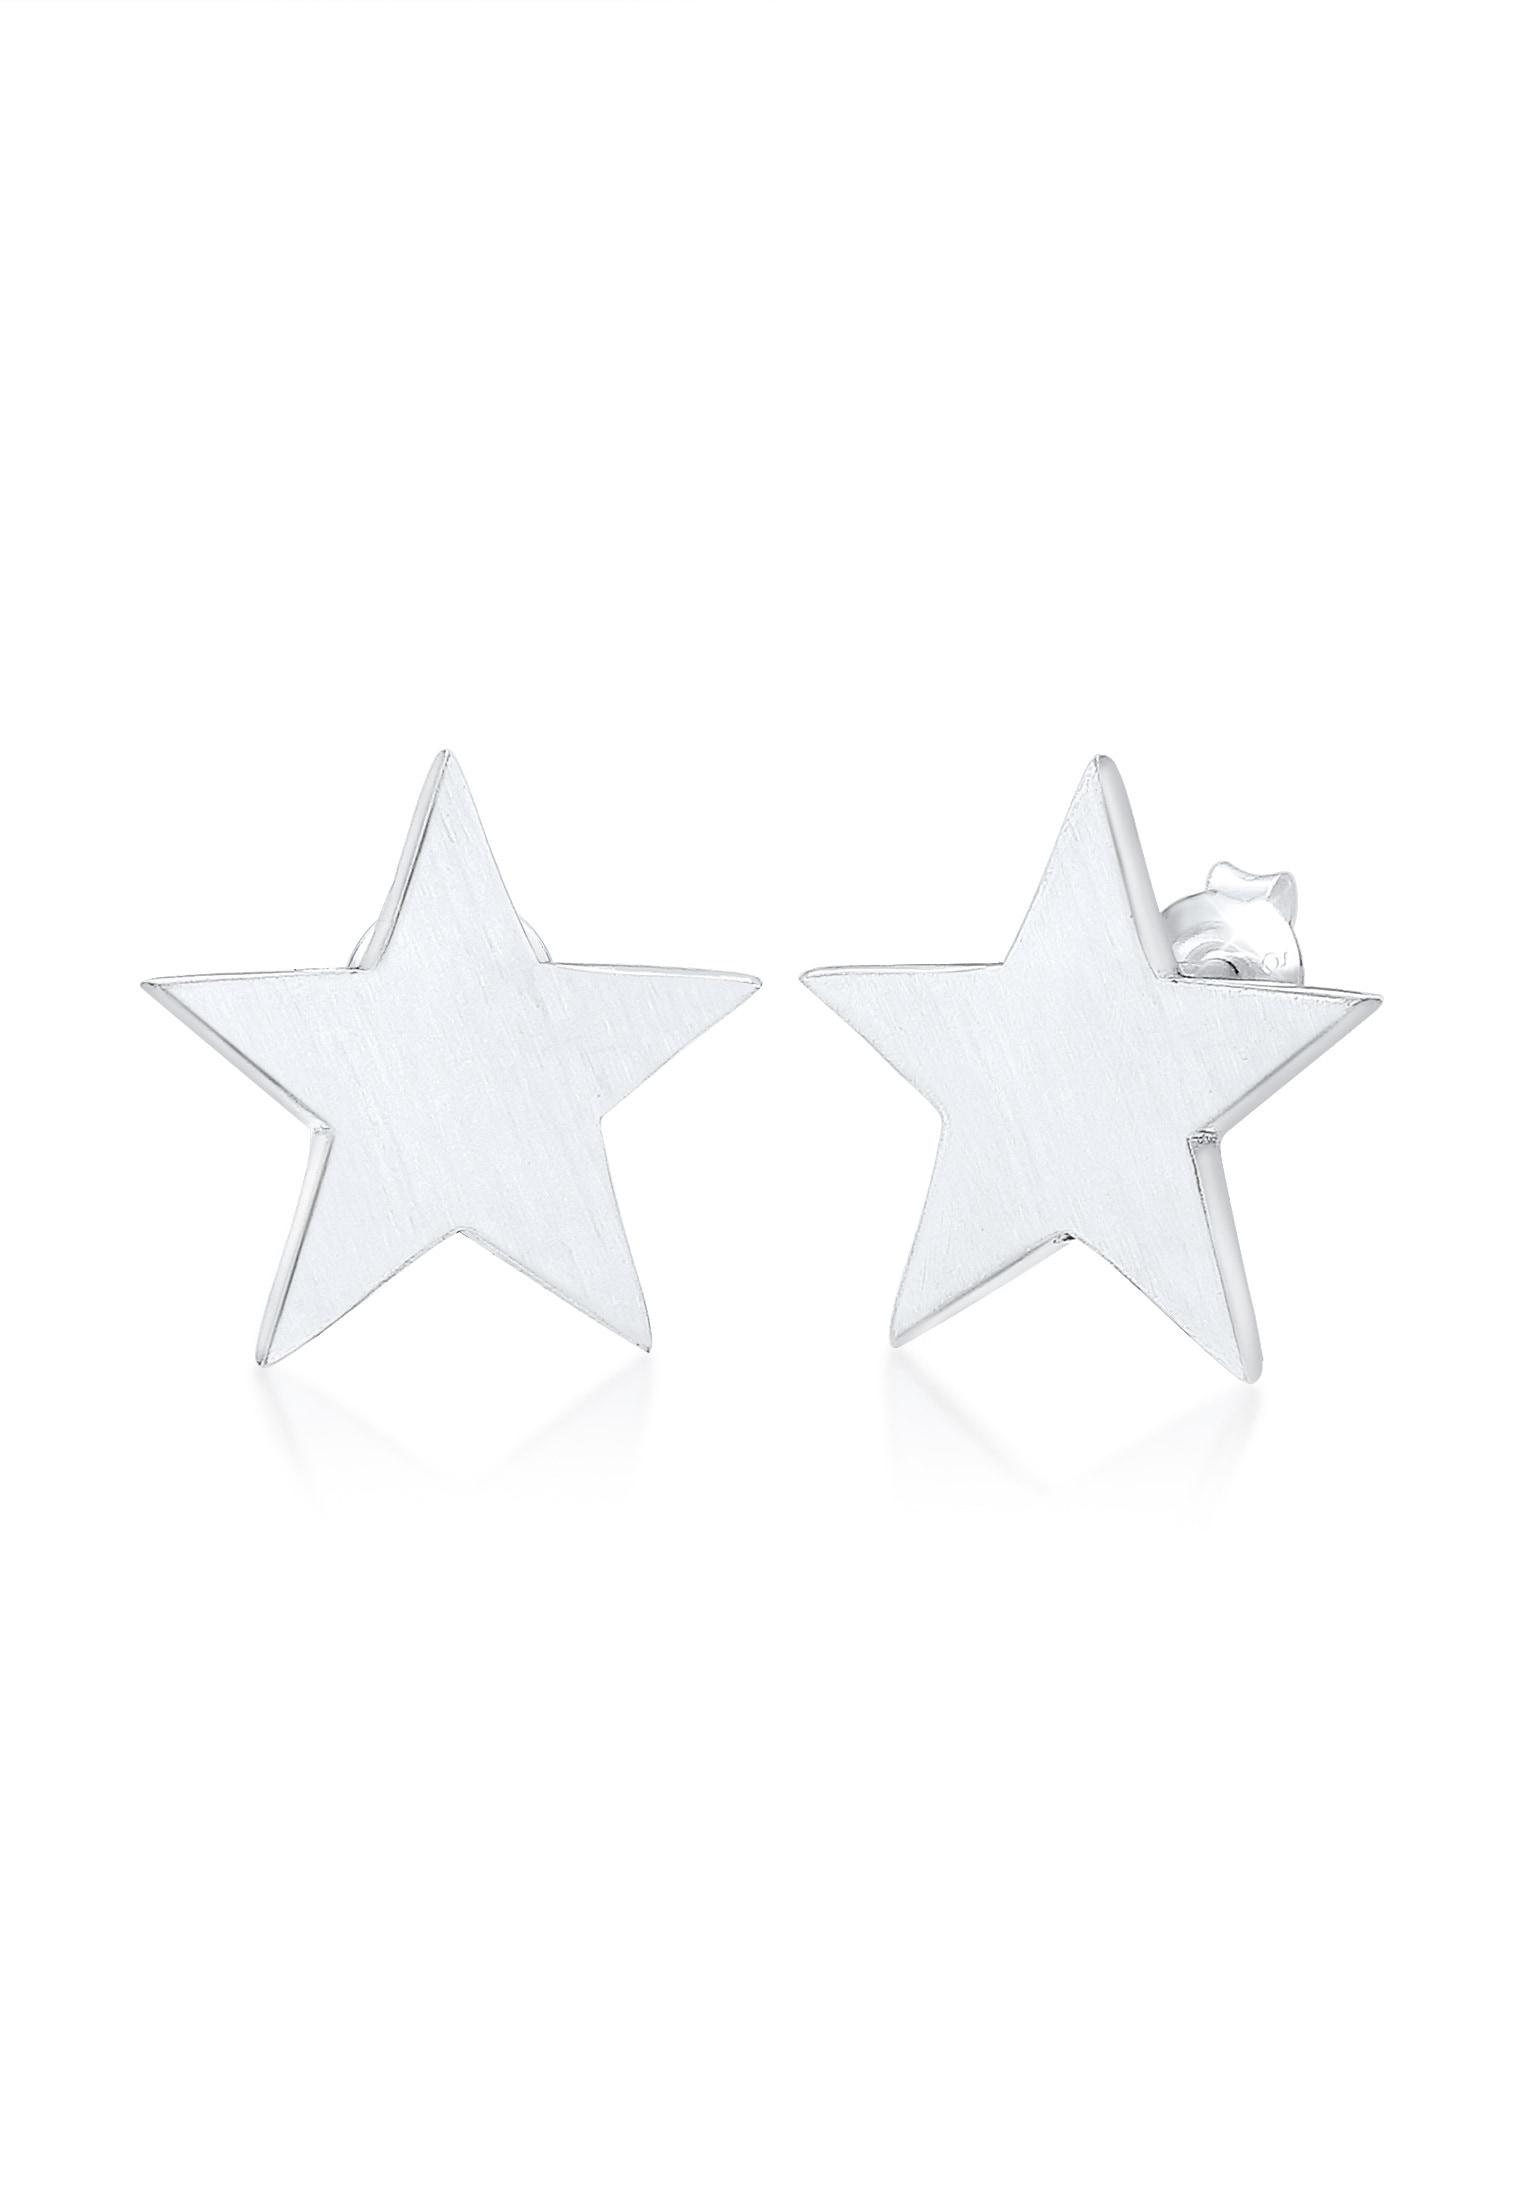 Elli Paar Ohrstecker Ohrstecker Sterne Matt Astro Basic 925er Silber | Schmuck > Ohrschmuck & Ohrringe > Ohrstecker | Elli